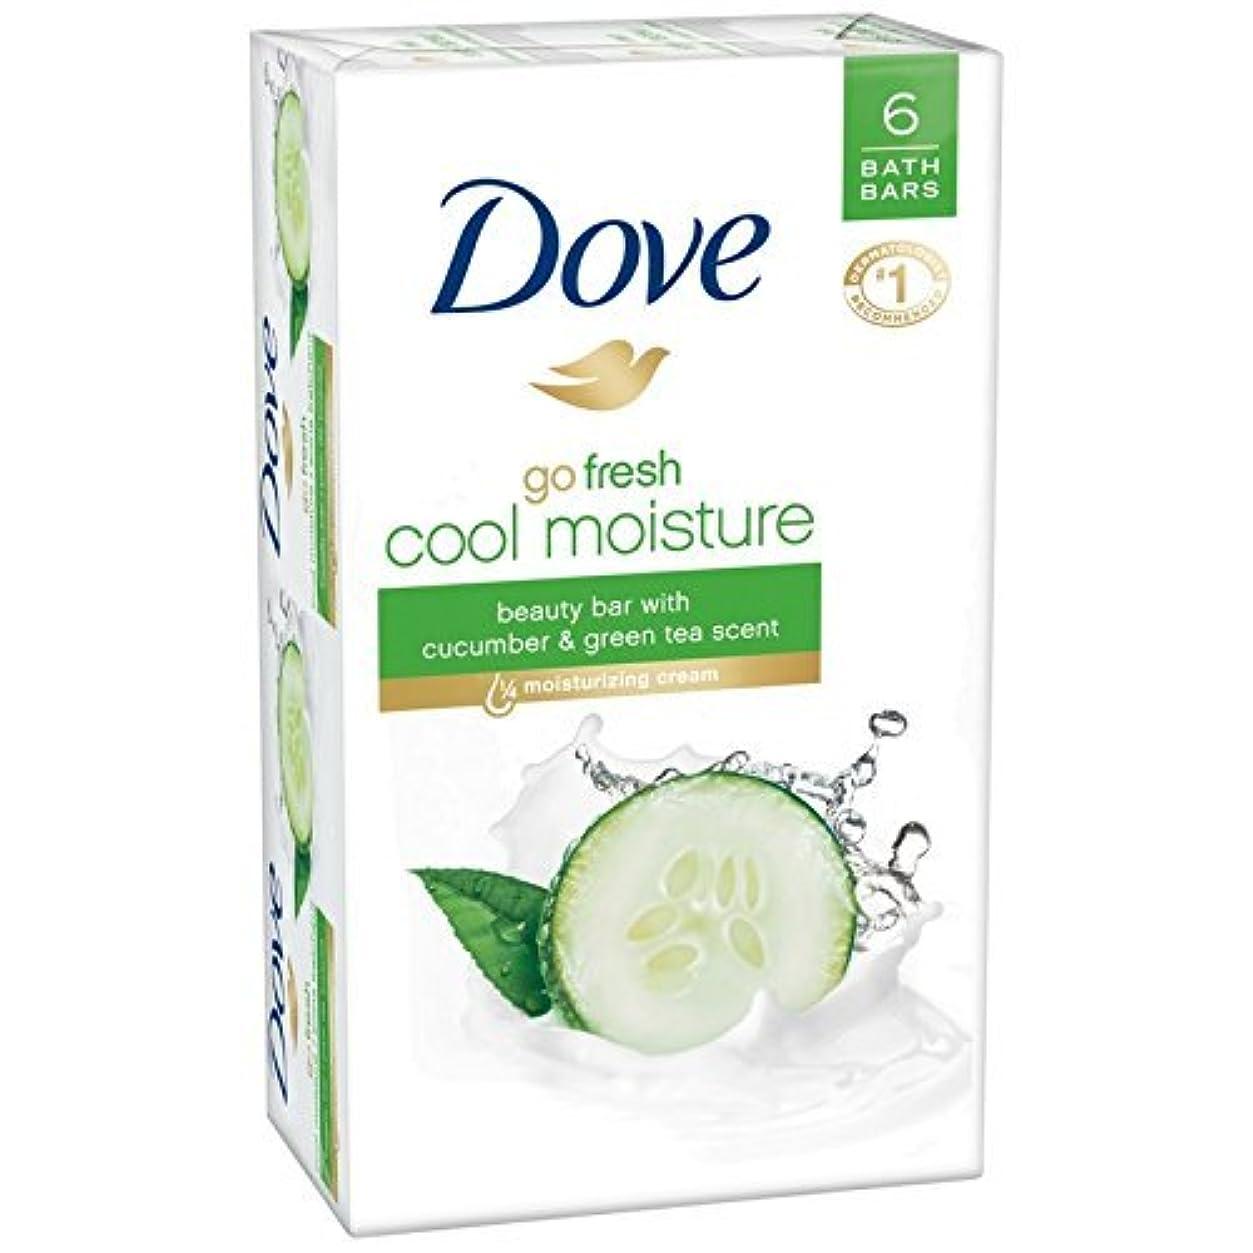 Dove 新鮮な美しさバーを行く - クールモイスチャー - 4オズ - 6のCtを - 2 Pkを 4オンス6 CT 2 PK キュウリと緑茶